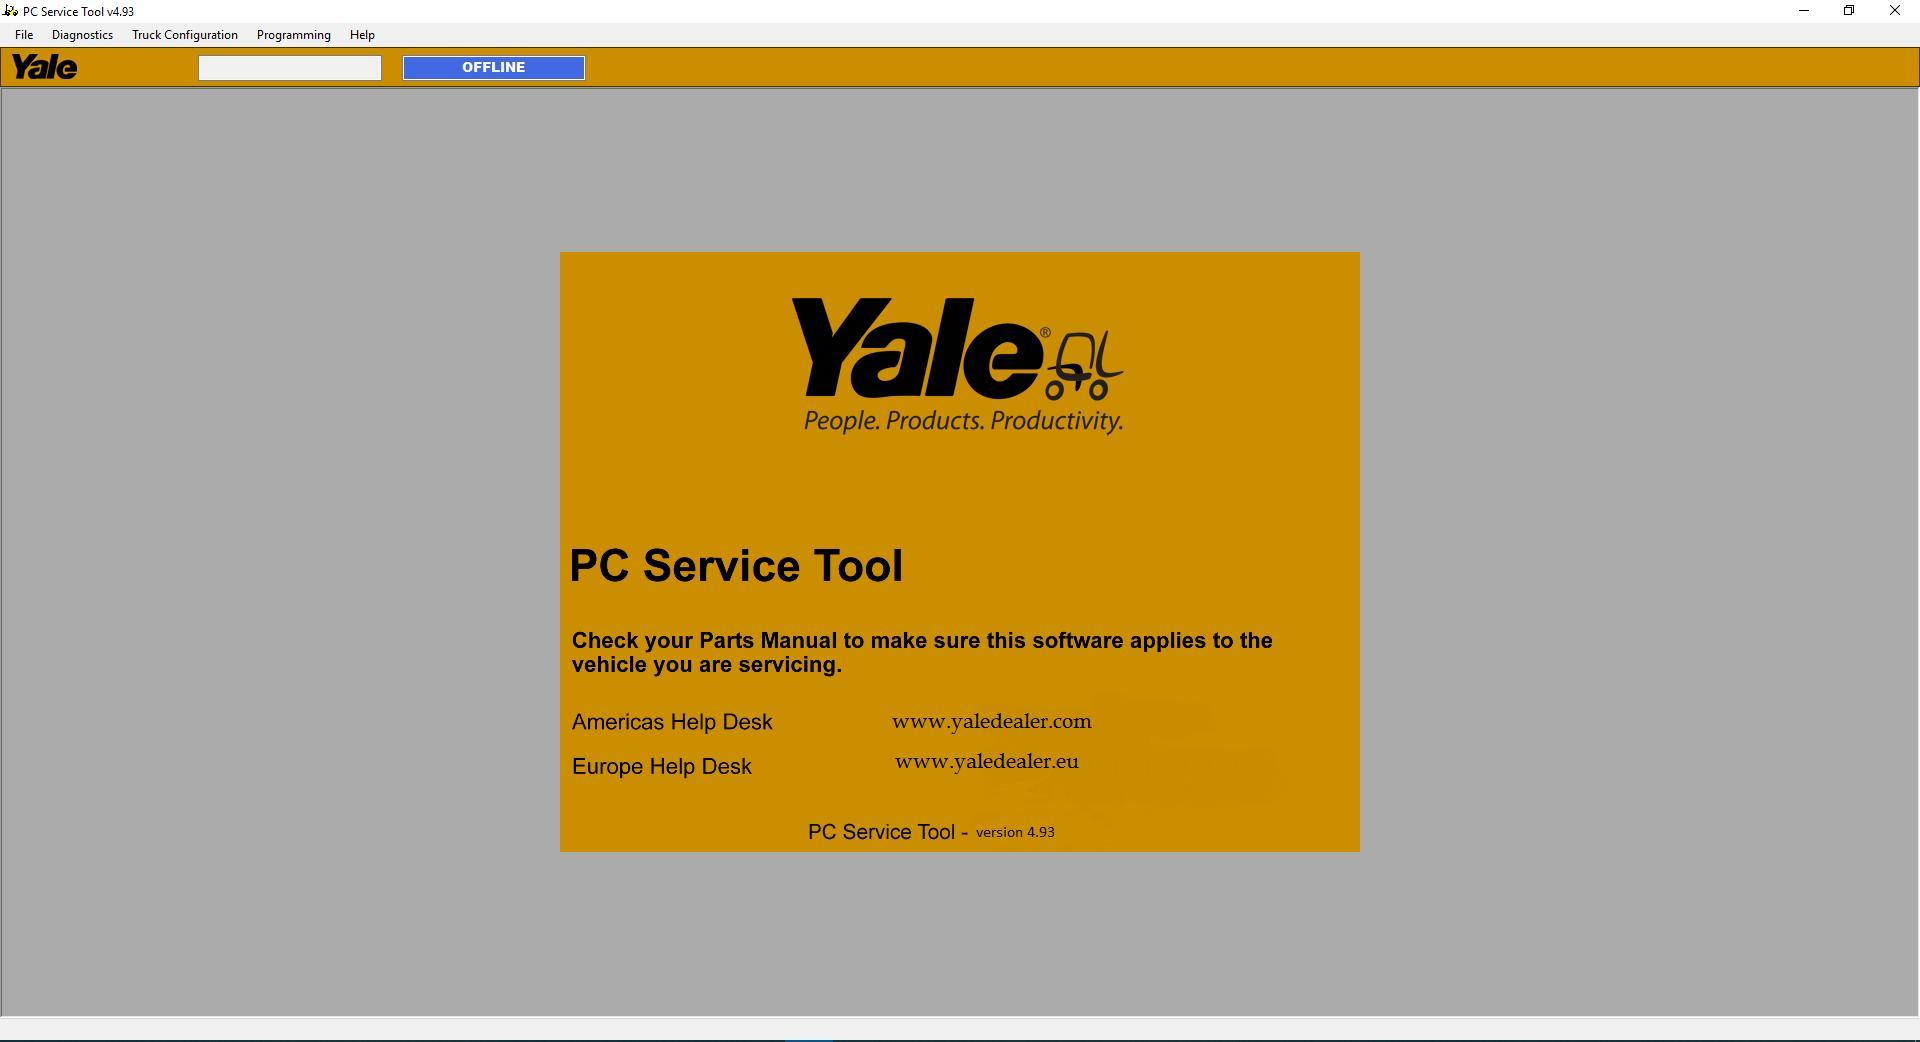 Hyster_Yale_PC_Service_Tool_v493_20195EyD2R-1